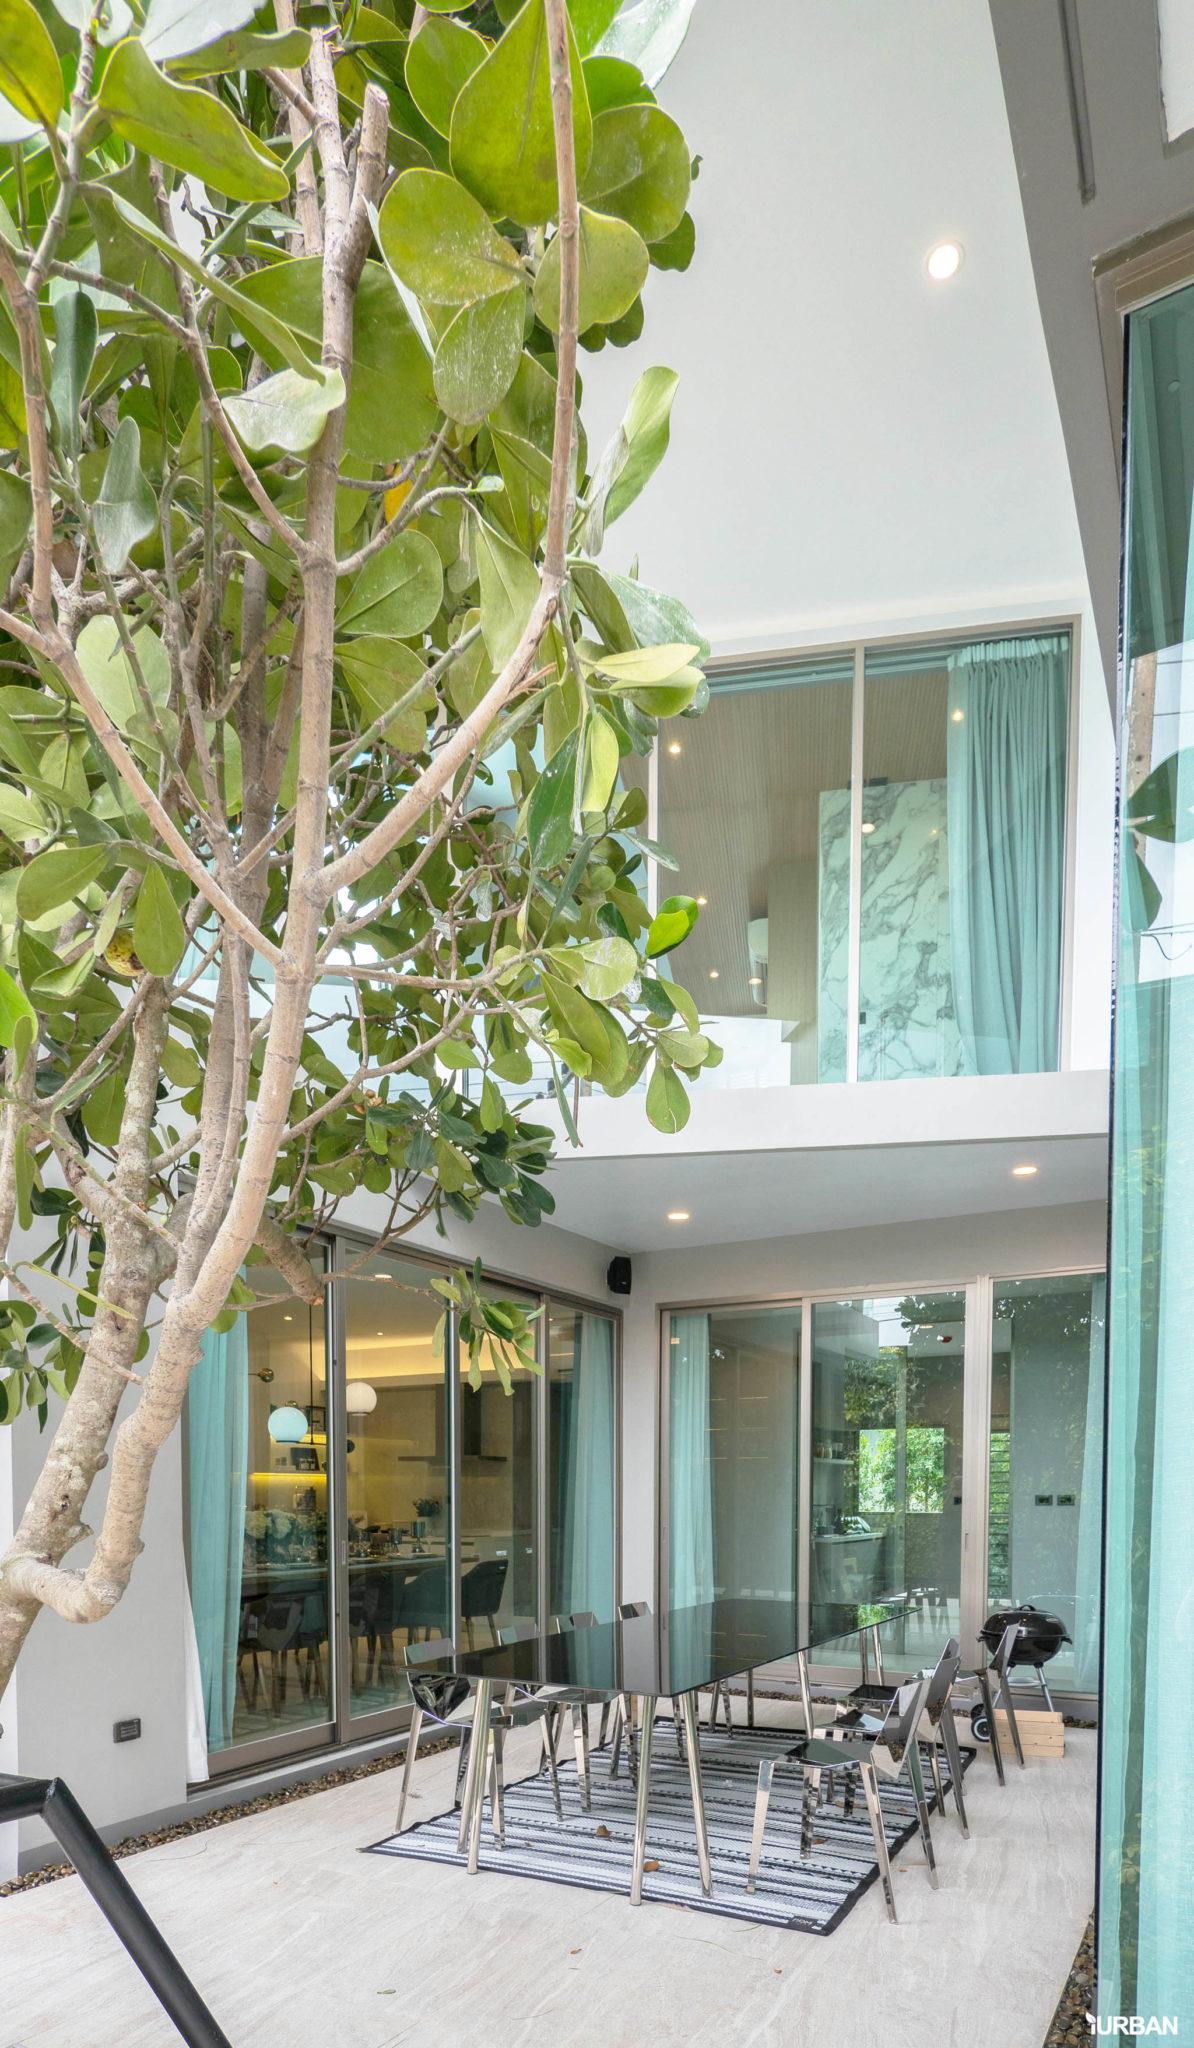 รีวิว Nirvana BEYOND Udonthani บ้านเดี่ยว 3 ชั้น ดีไซน์บิดสุดโมเดิร์น บนที่ดินสุดท้ายหน้าหนองประจักษ์ 216 - Luxury